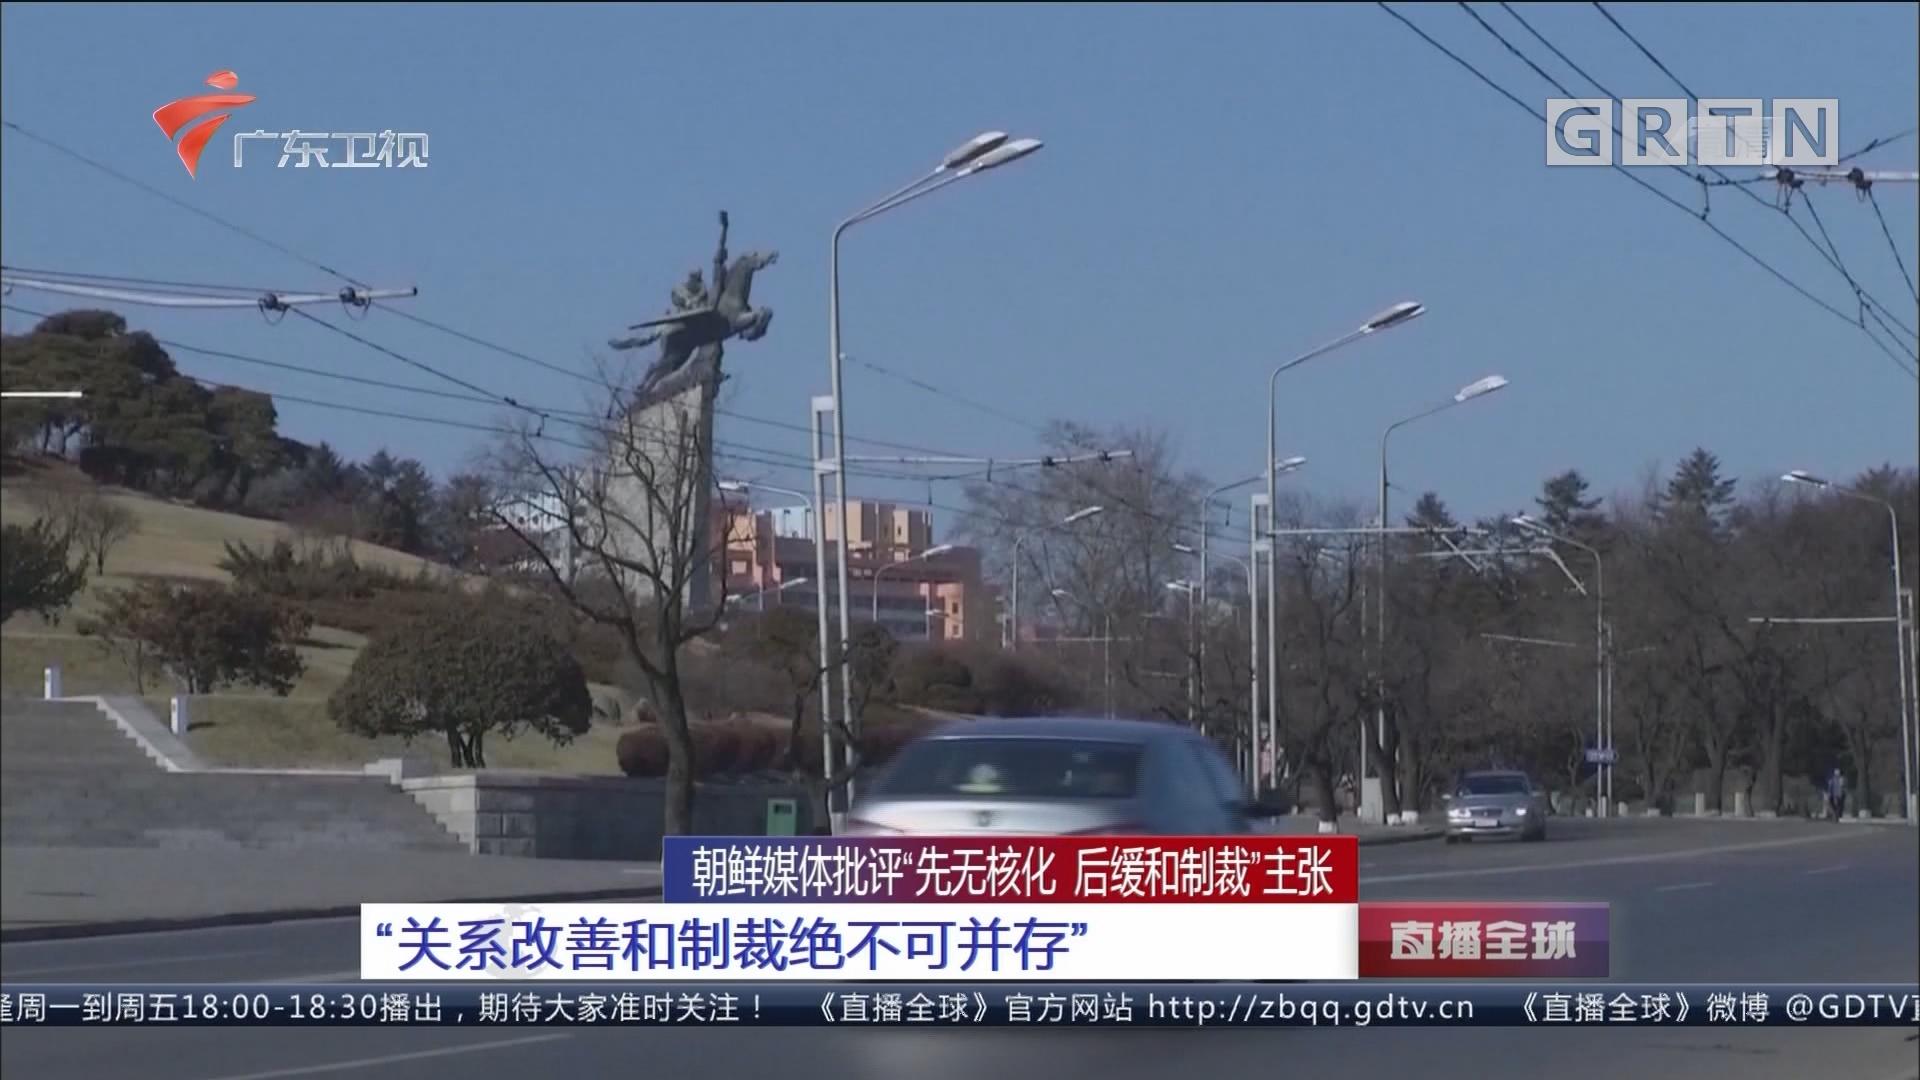 """朝鲜媒体批评""""先无核化 后缓和制裁""""主张:""""关系改善和制裁绝不可并存"""""""